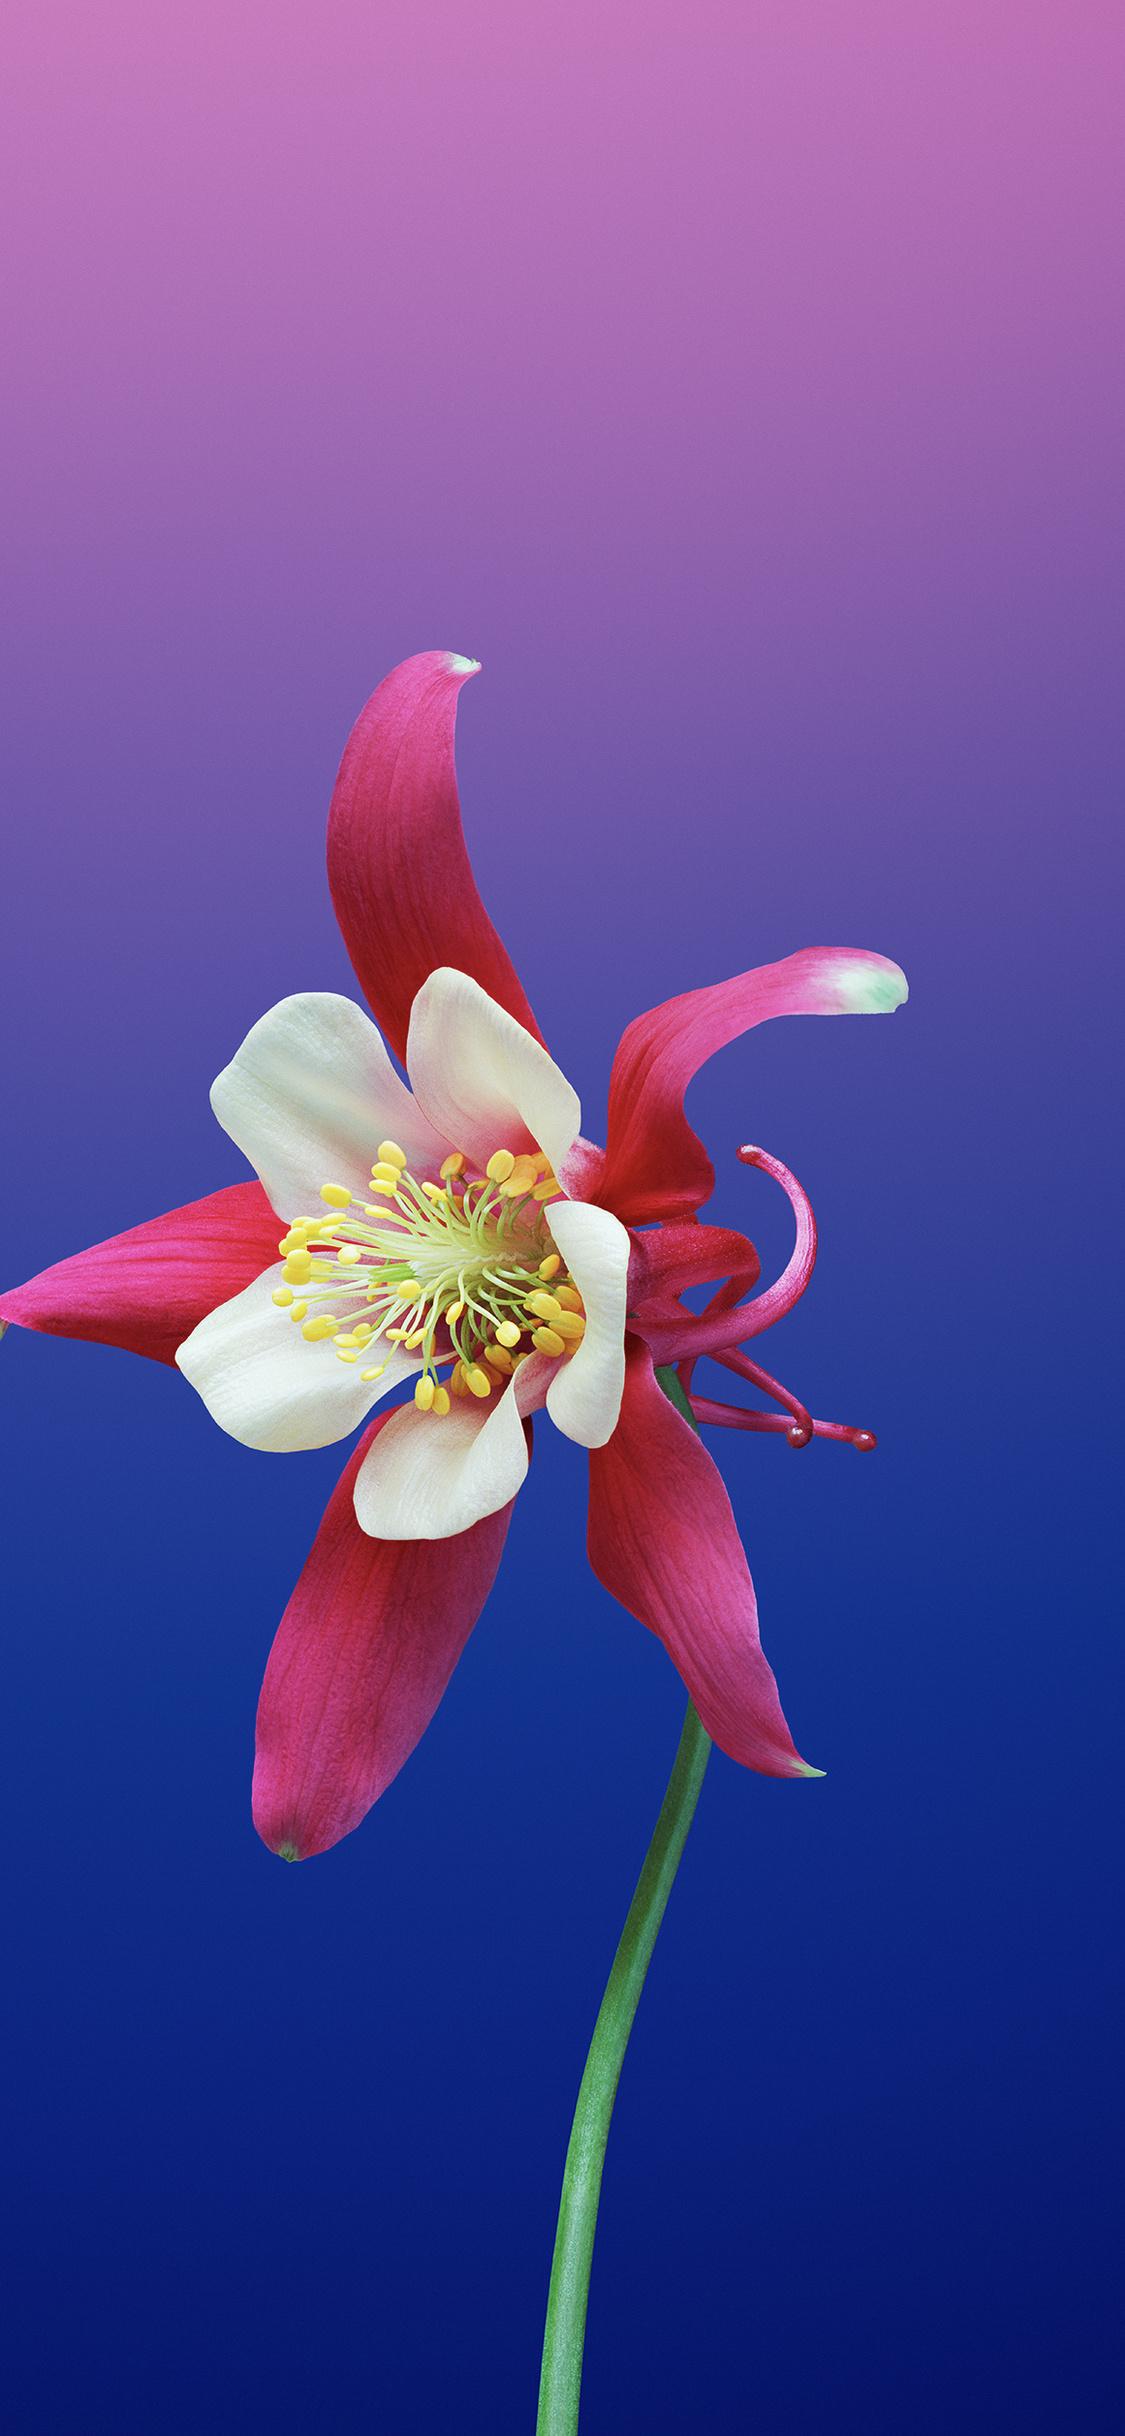 1125x2436 Ios 11 Flower Aquilegia Iphone Xsiphone 10iphone